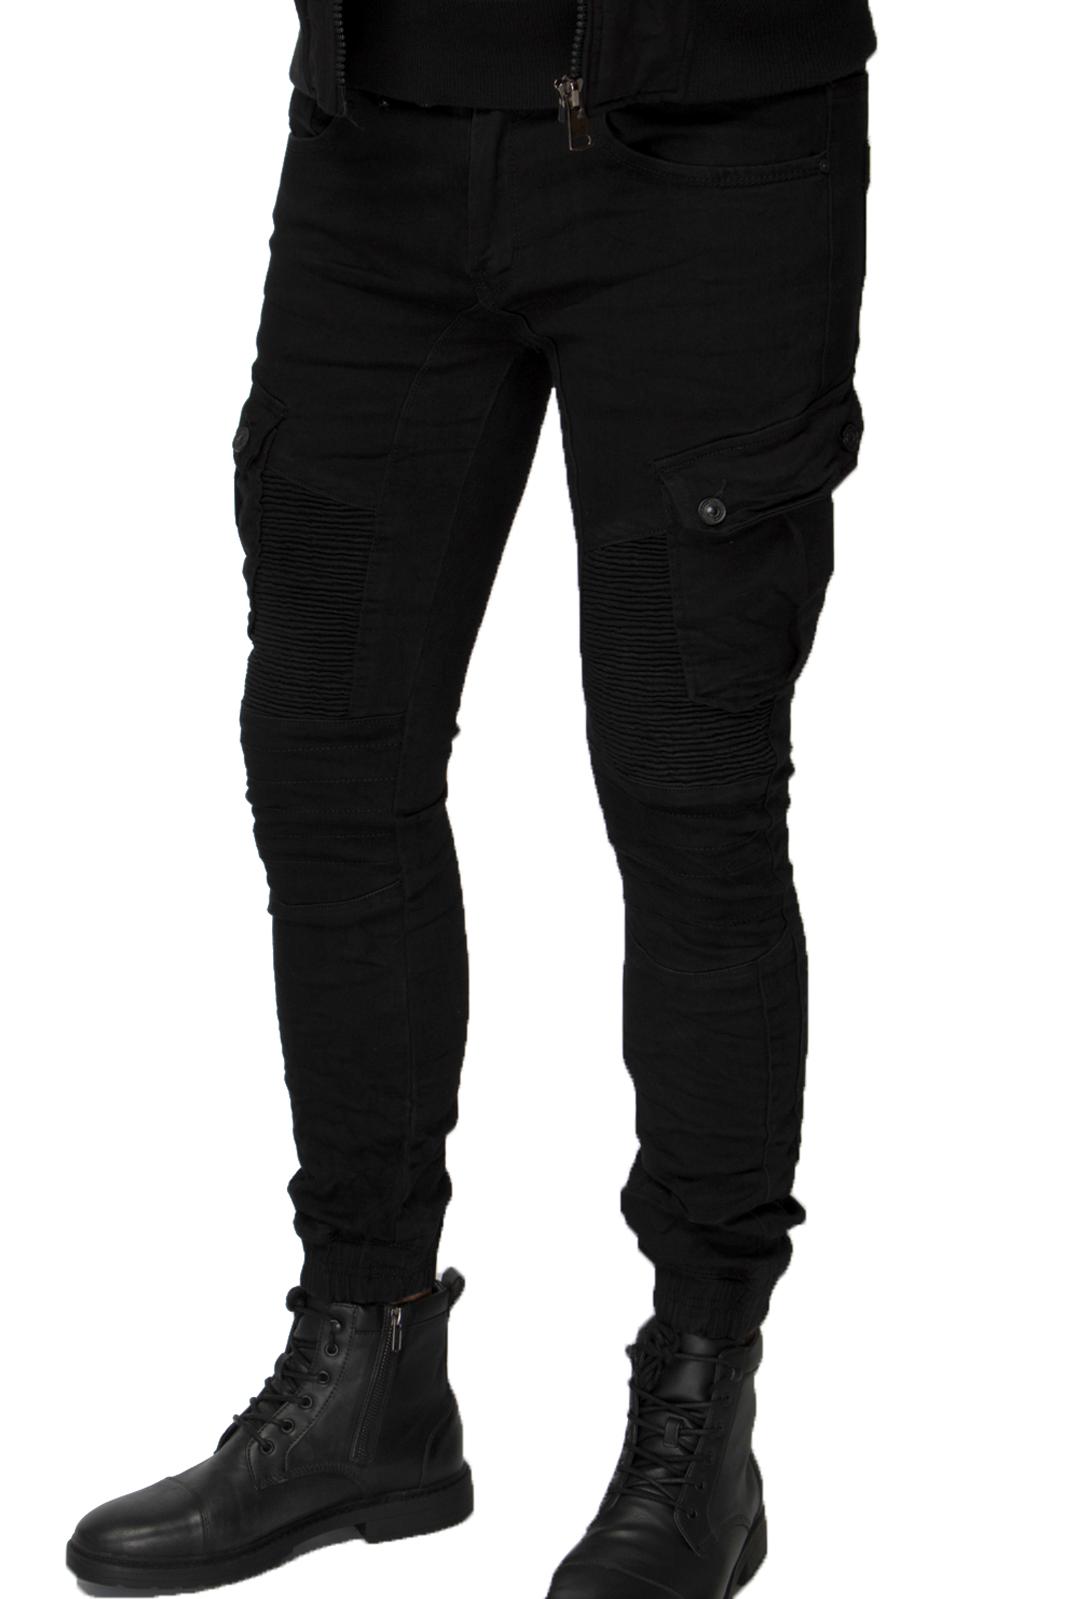 Skinny Μαύρο Ντένιμ Biker Cargo - Limited Edition